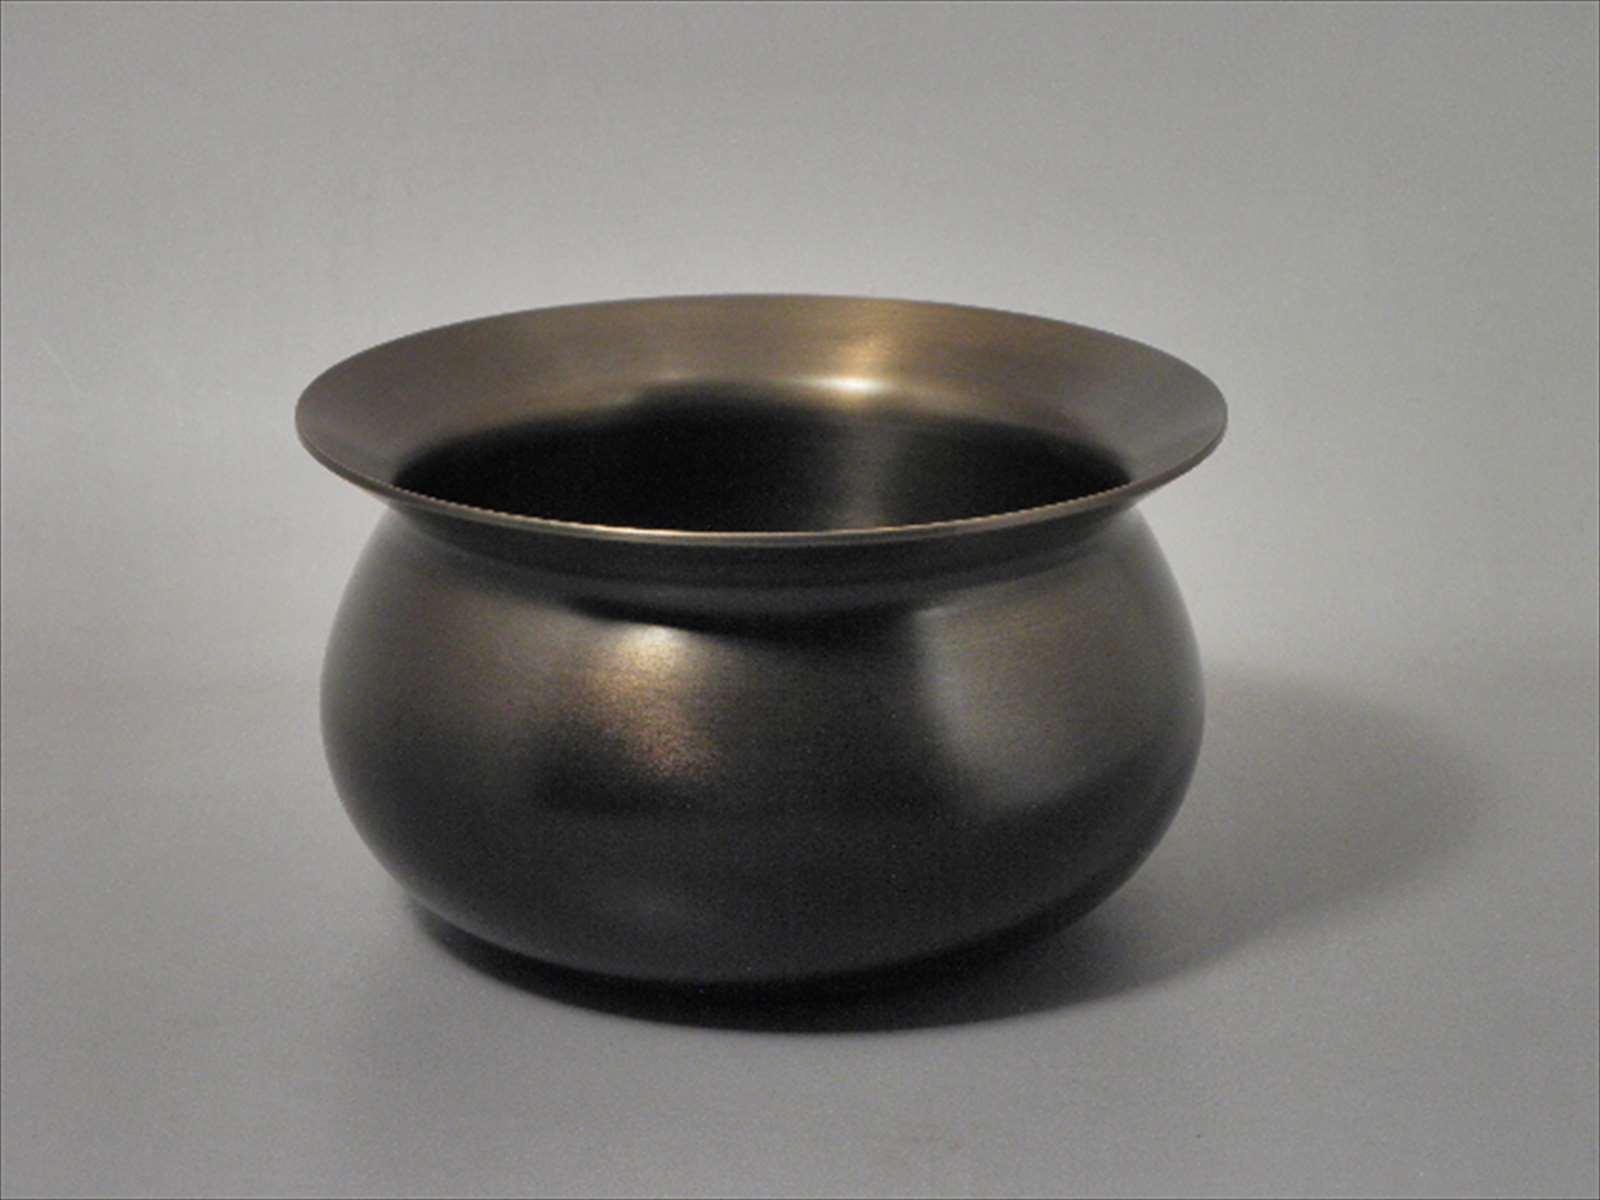 越中祥栄堂製 高岡 唐銅 伝来形建水 けんすい 鍋長色 ケース入り 茶道具